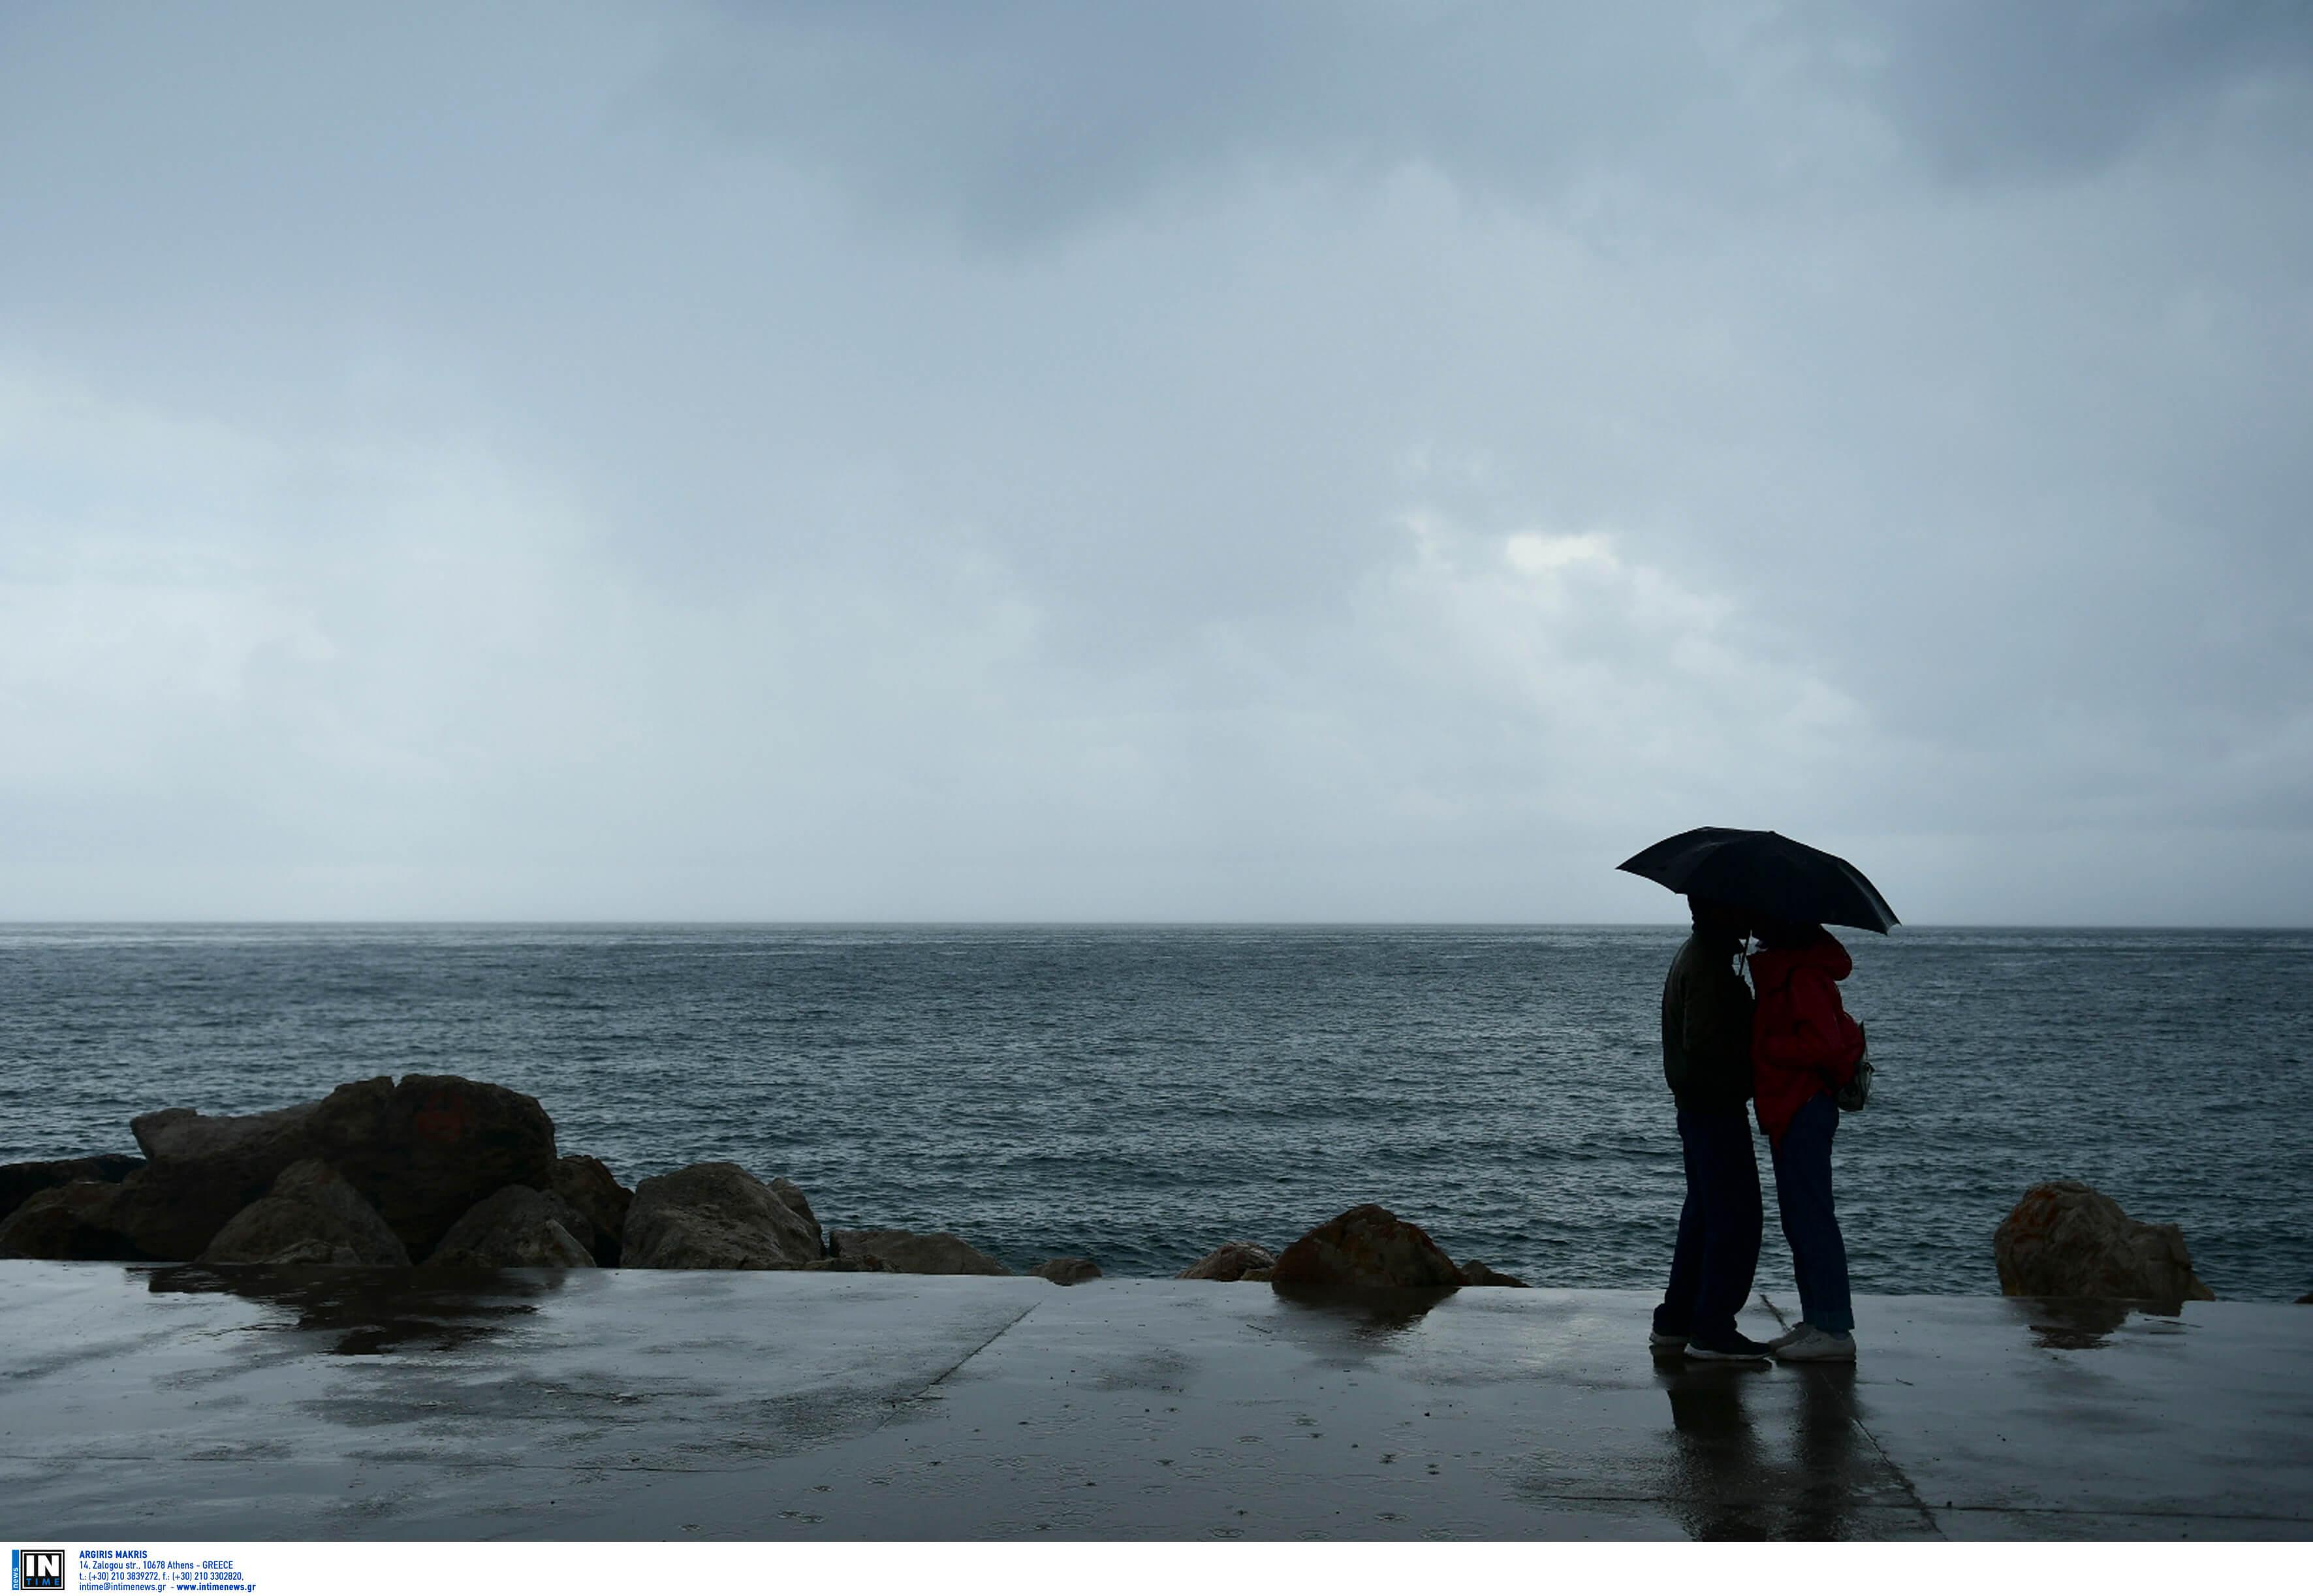 Καιρός: Ποιοι θα κρατήσουν ομπρέλα την Ανάσταση - Χάρτες από τον Σάκη Αρναούτογλου